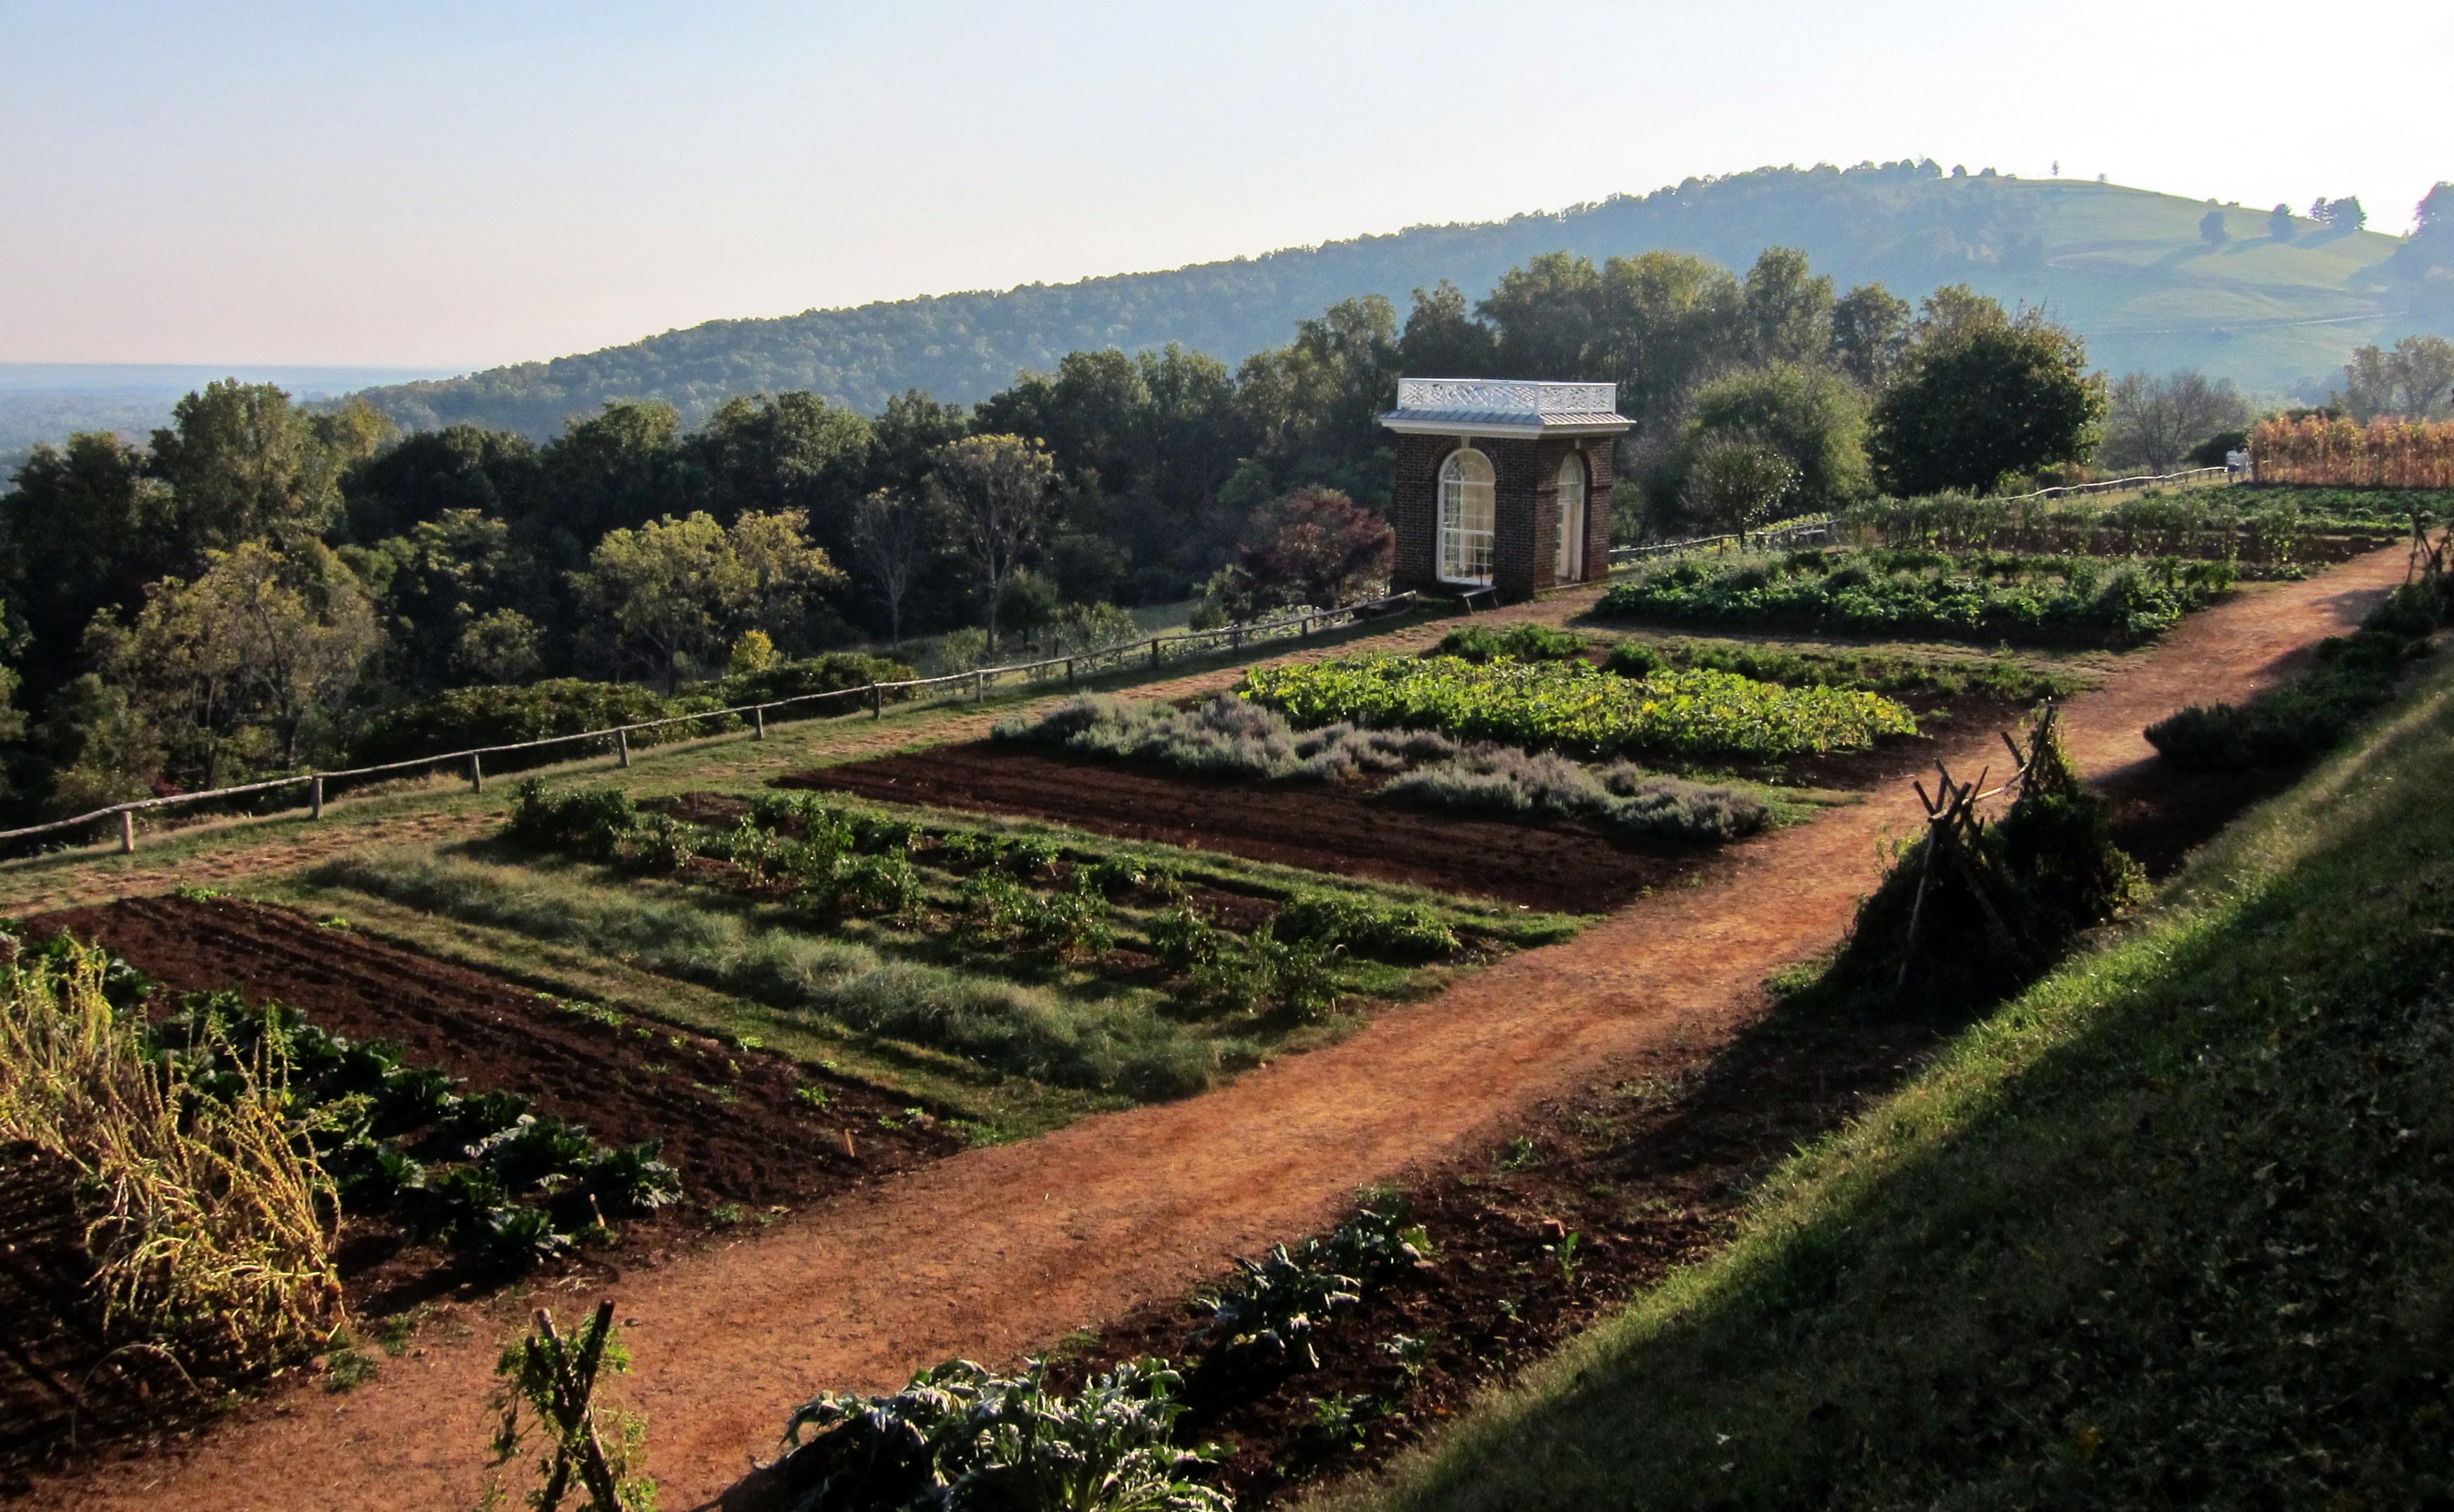 File:Monticello vegetable garden.jpg - Wikimedia Commons